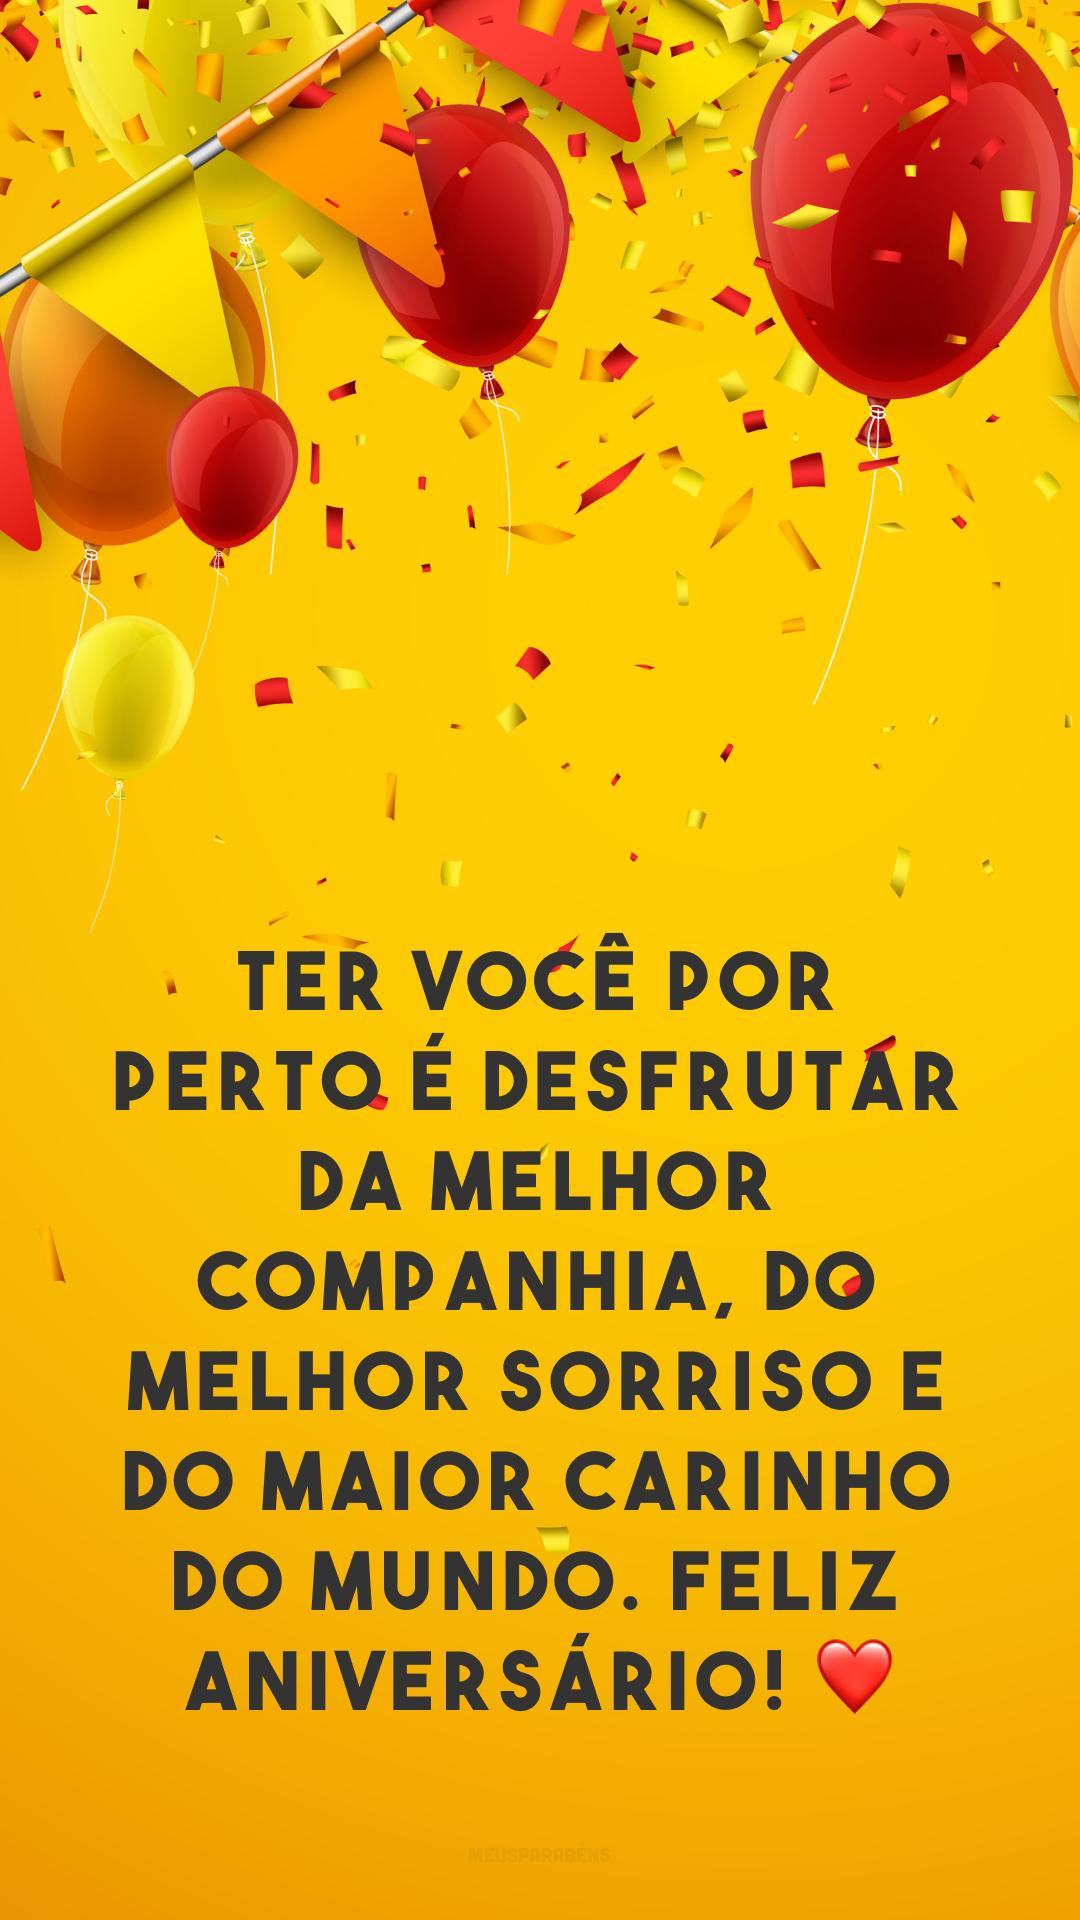 Ter você por perto é desfrutar da melhor companhia, do melhor sorriso e do maior carinho do mundo. Feliz aniversário! ❤